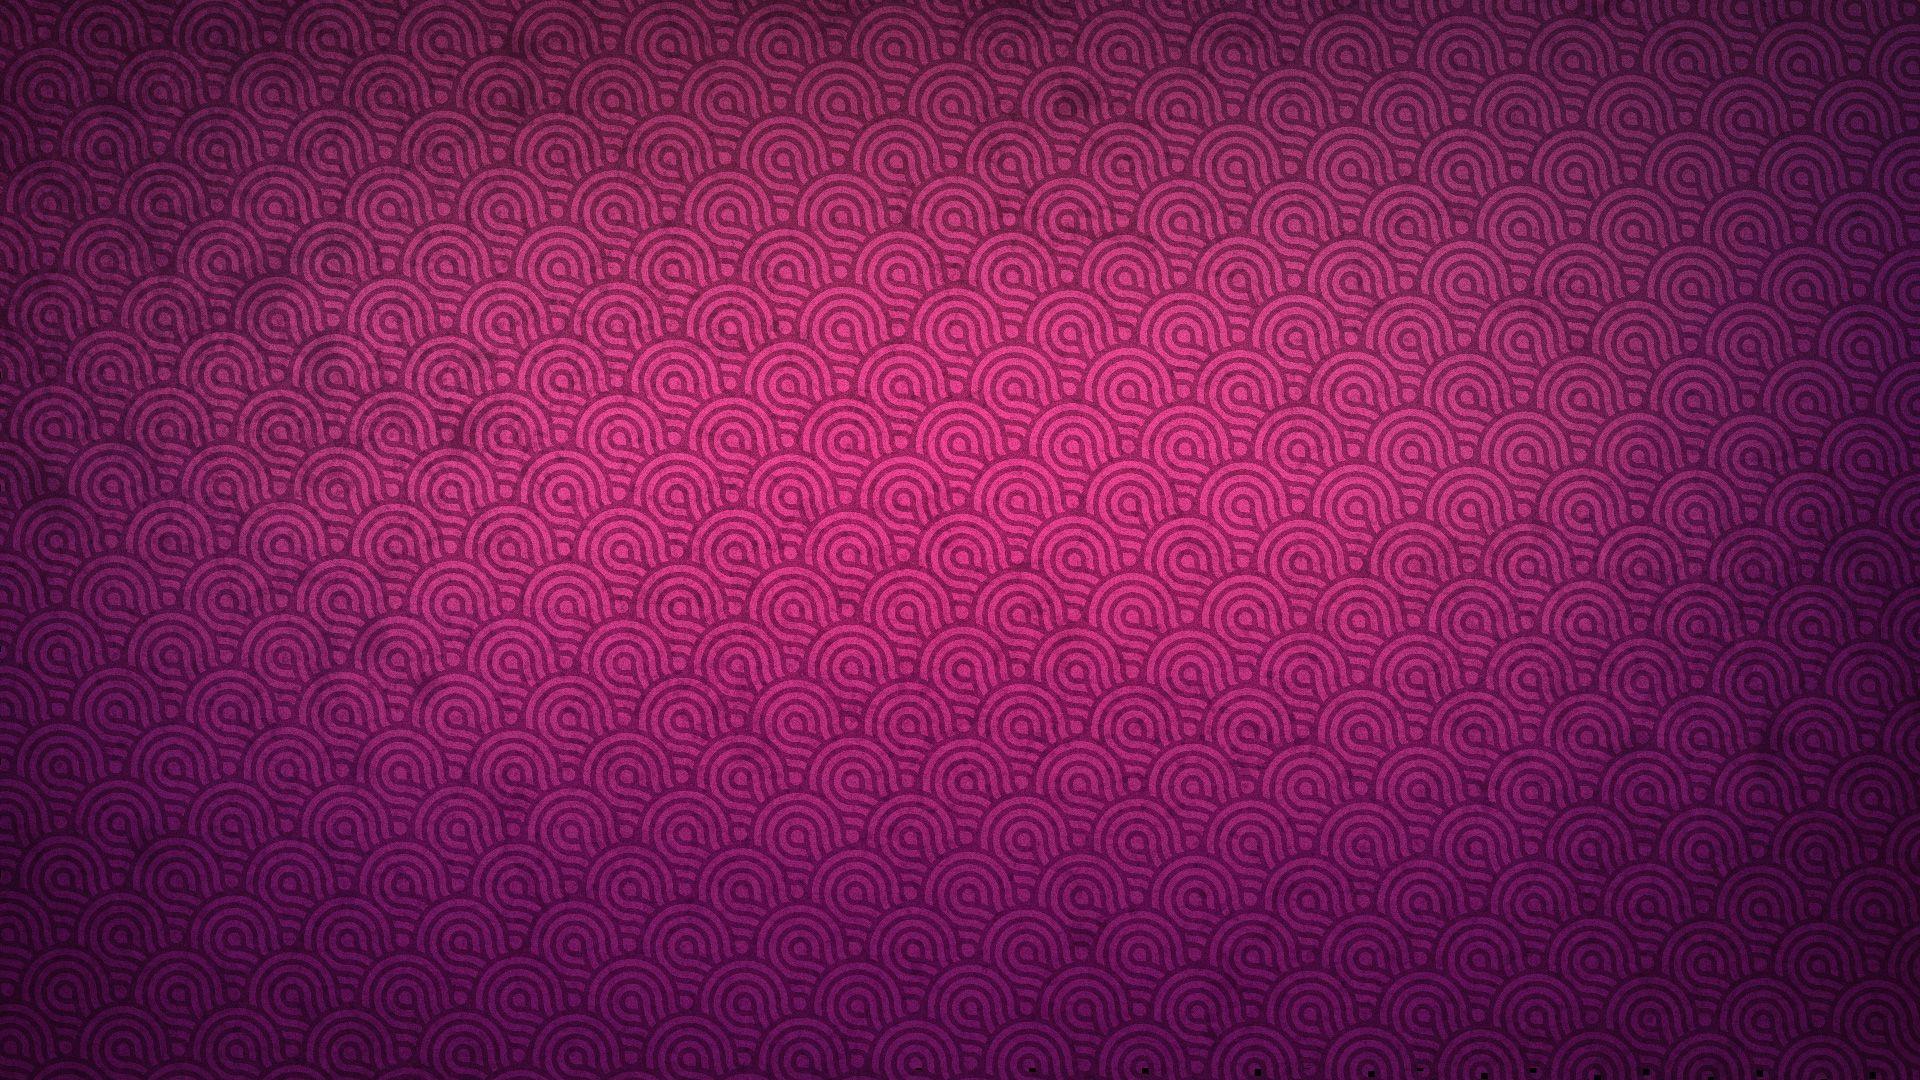 Magneta Sunset Wallpaper Vector Wallpaper Widescreen D Vector